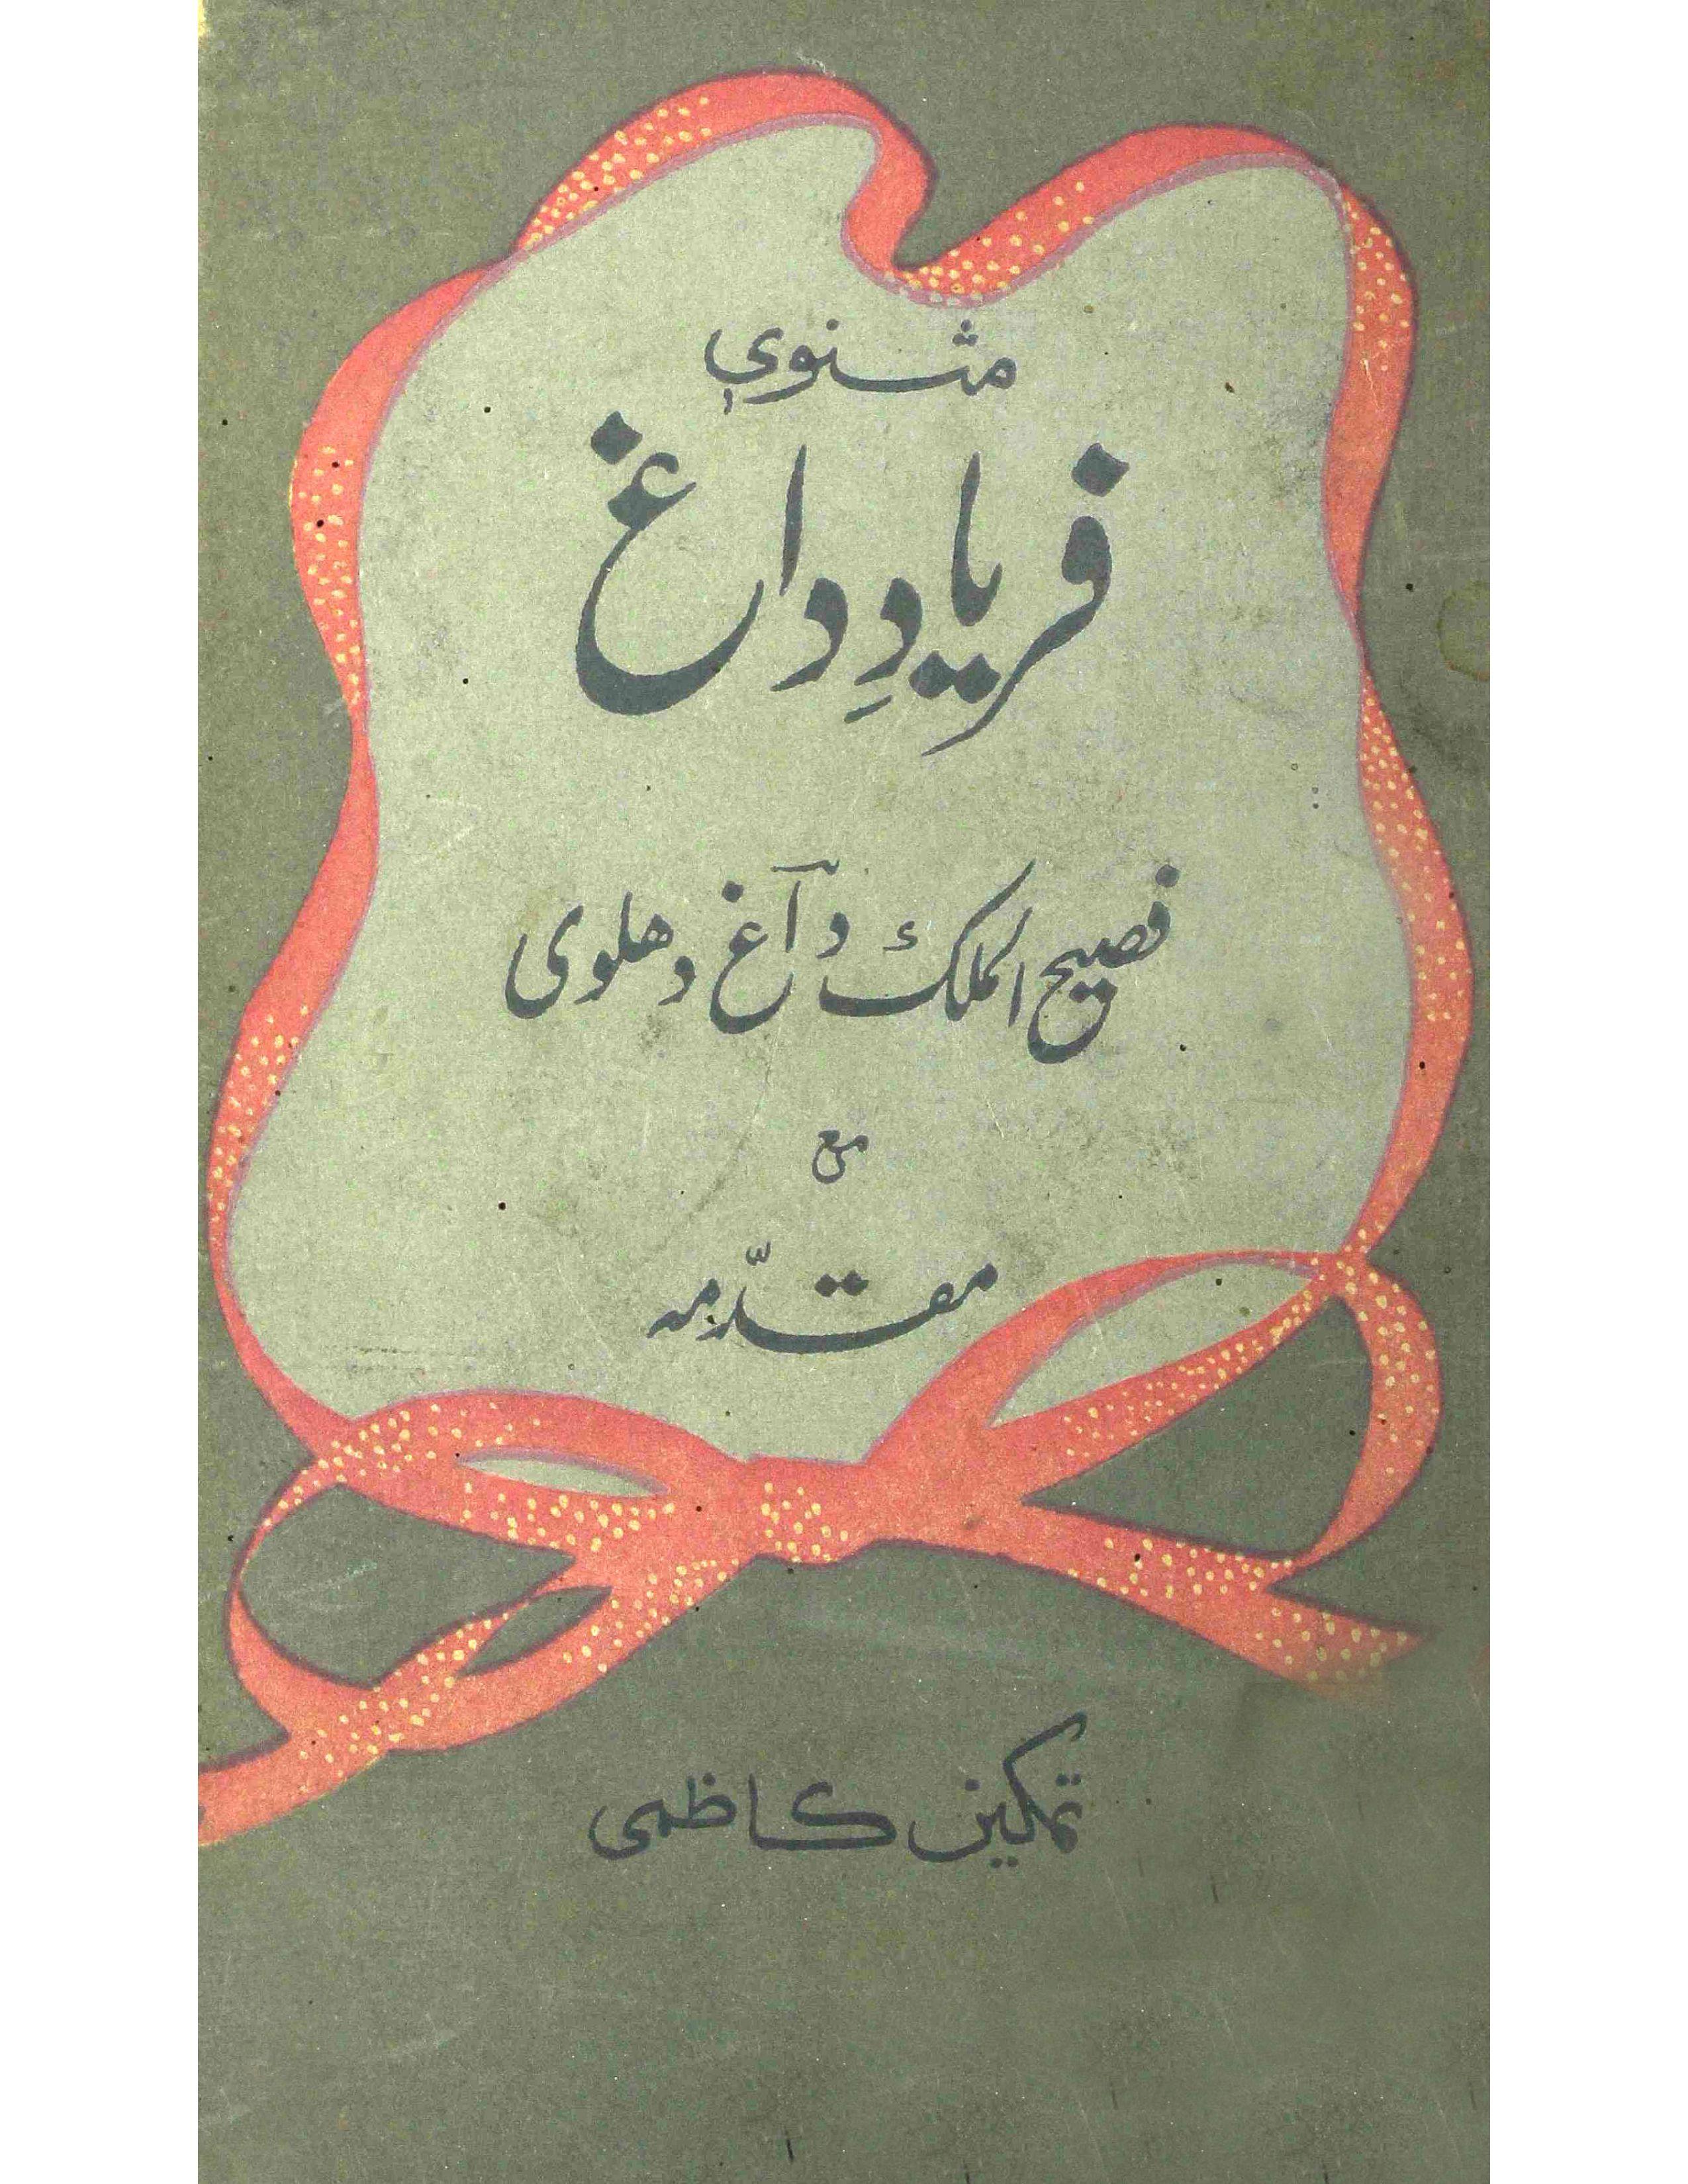 Masnavi Fariyad-e-Dagh